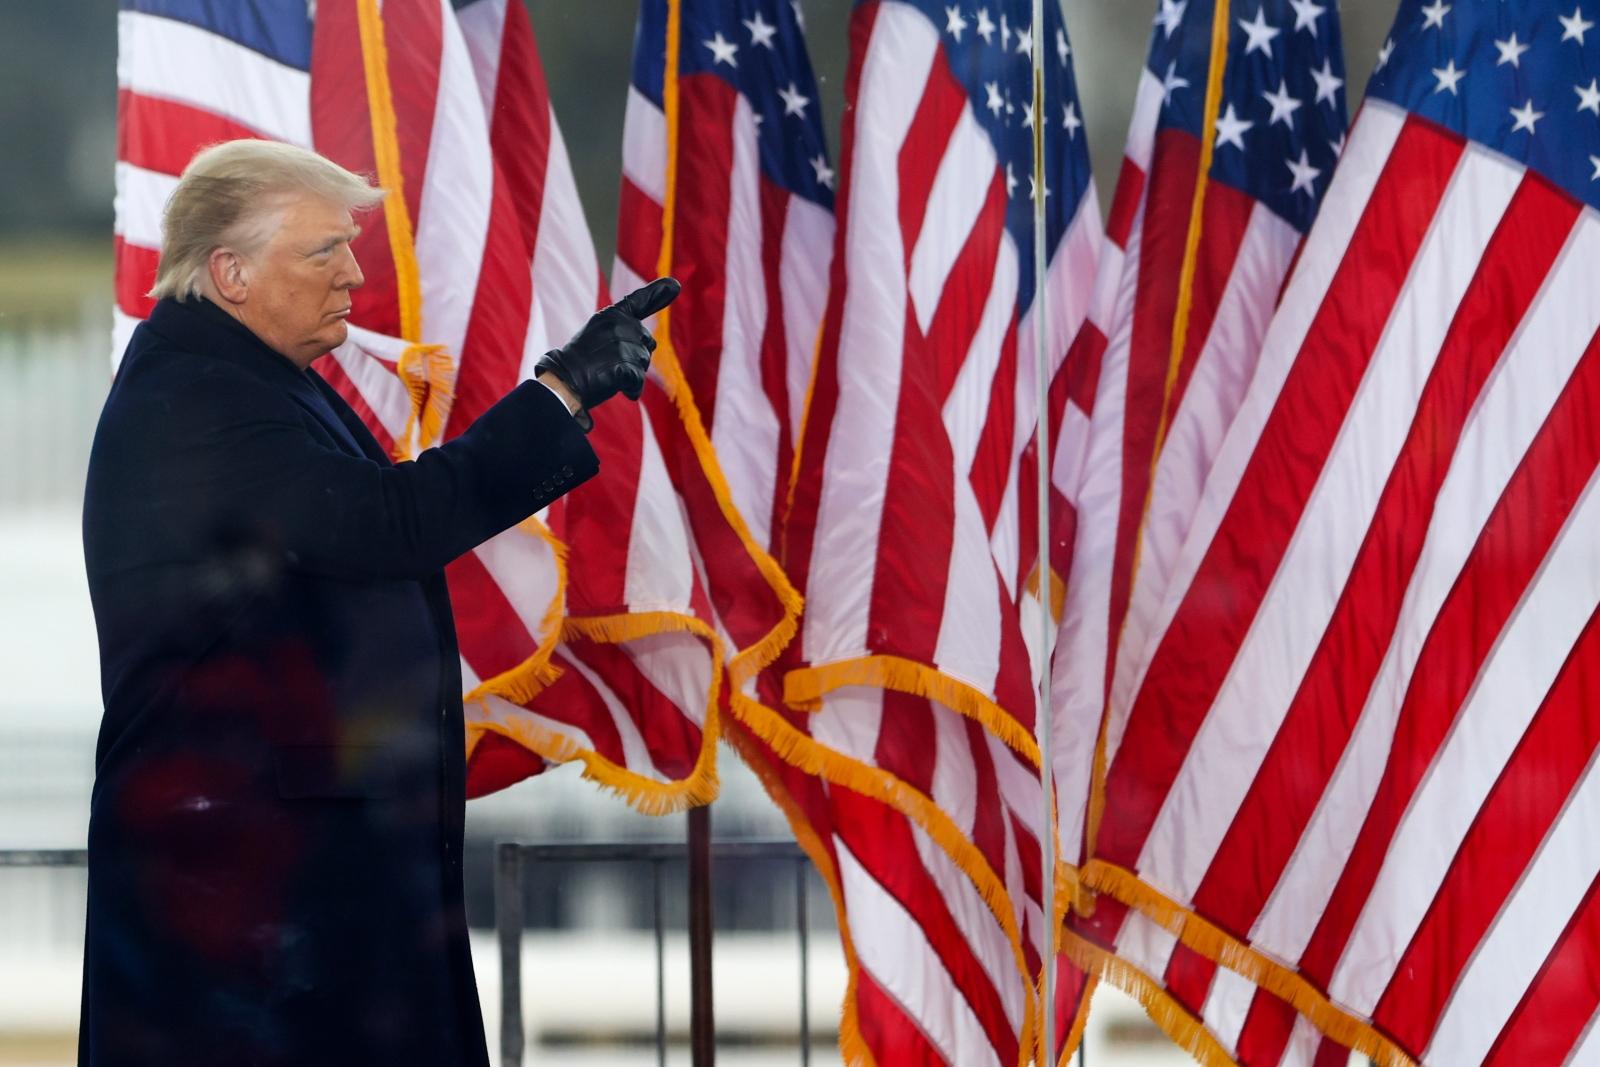 EE.UU.: Donald Trump se enfrenta a la vergüenza de un nuevo juicio político a nueve días de dejar la Casa Blanca